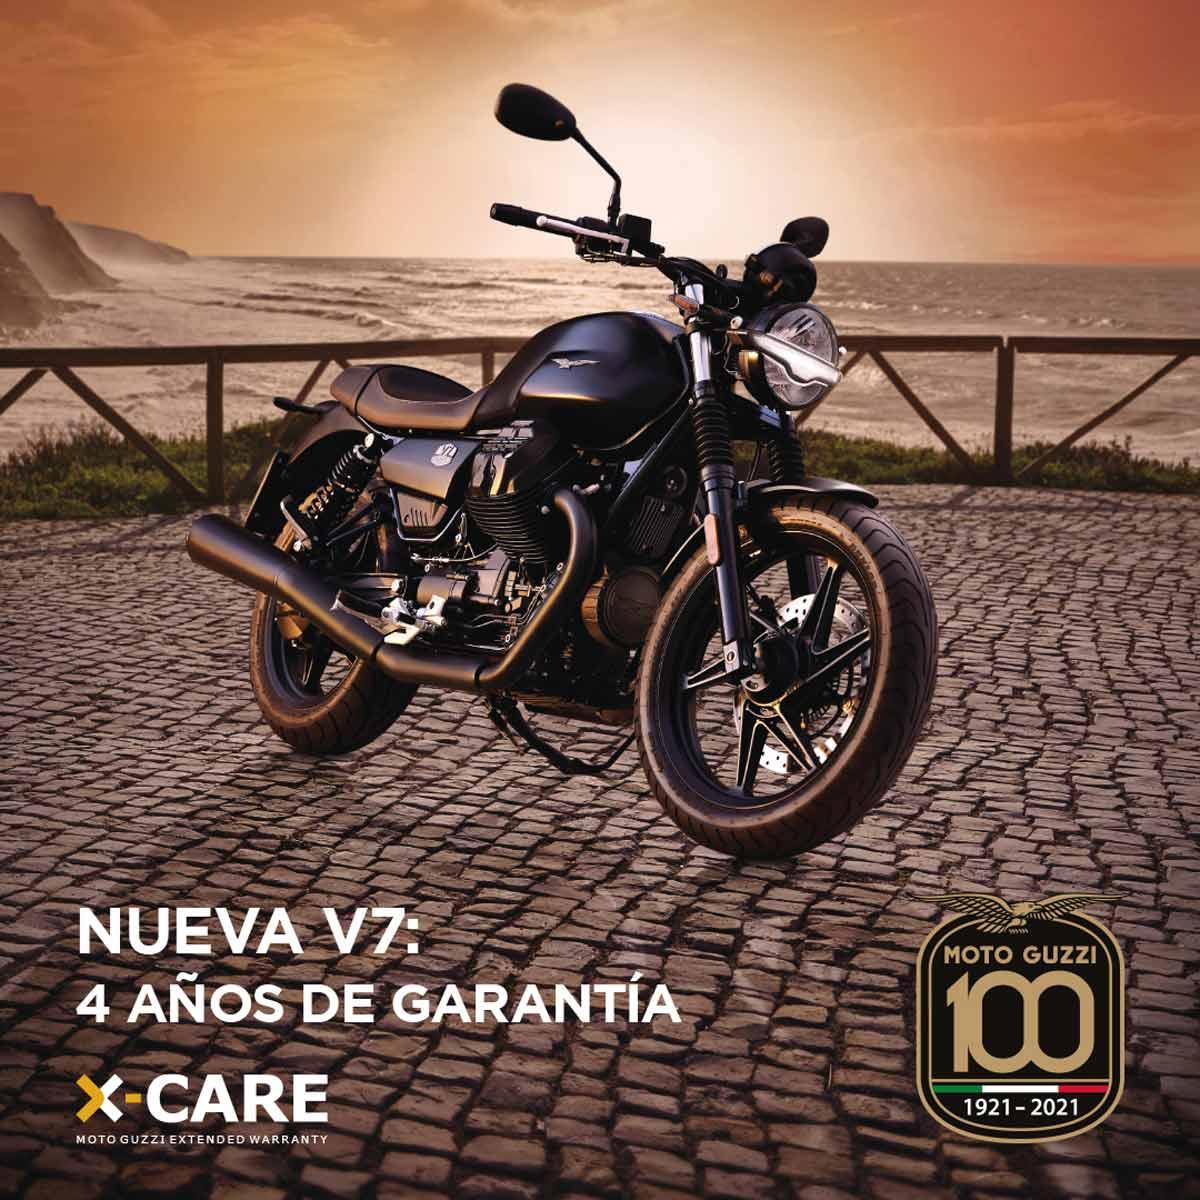 Más garantía para las Moto Guzzi (image)